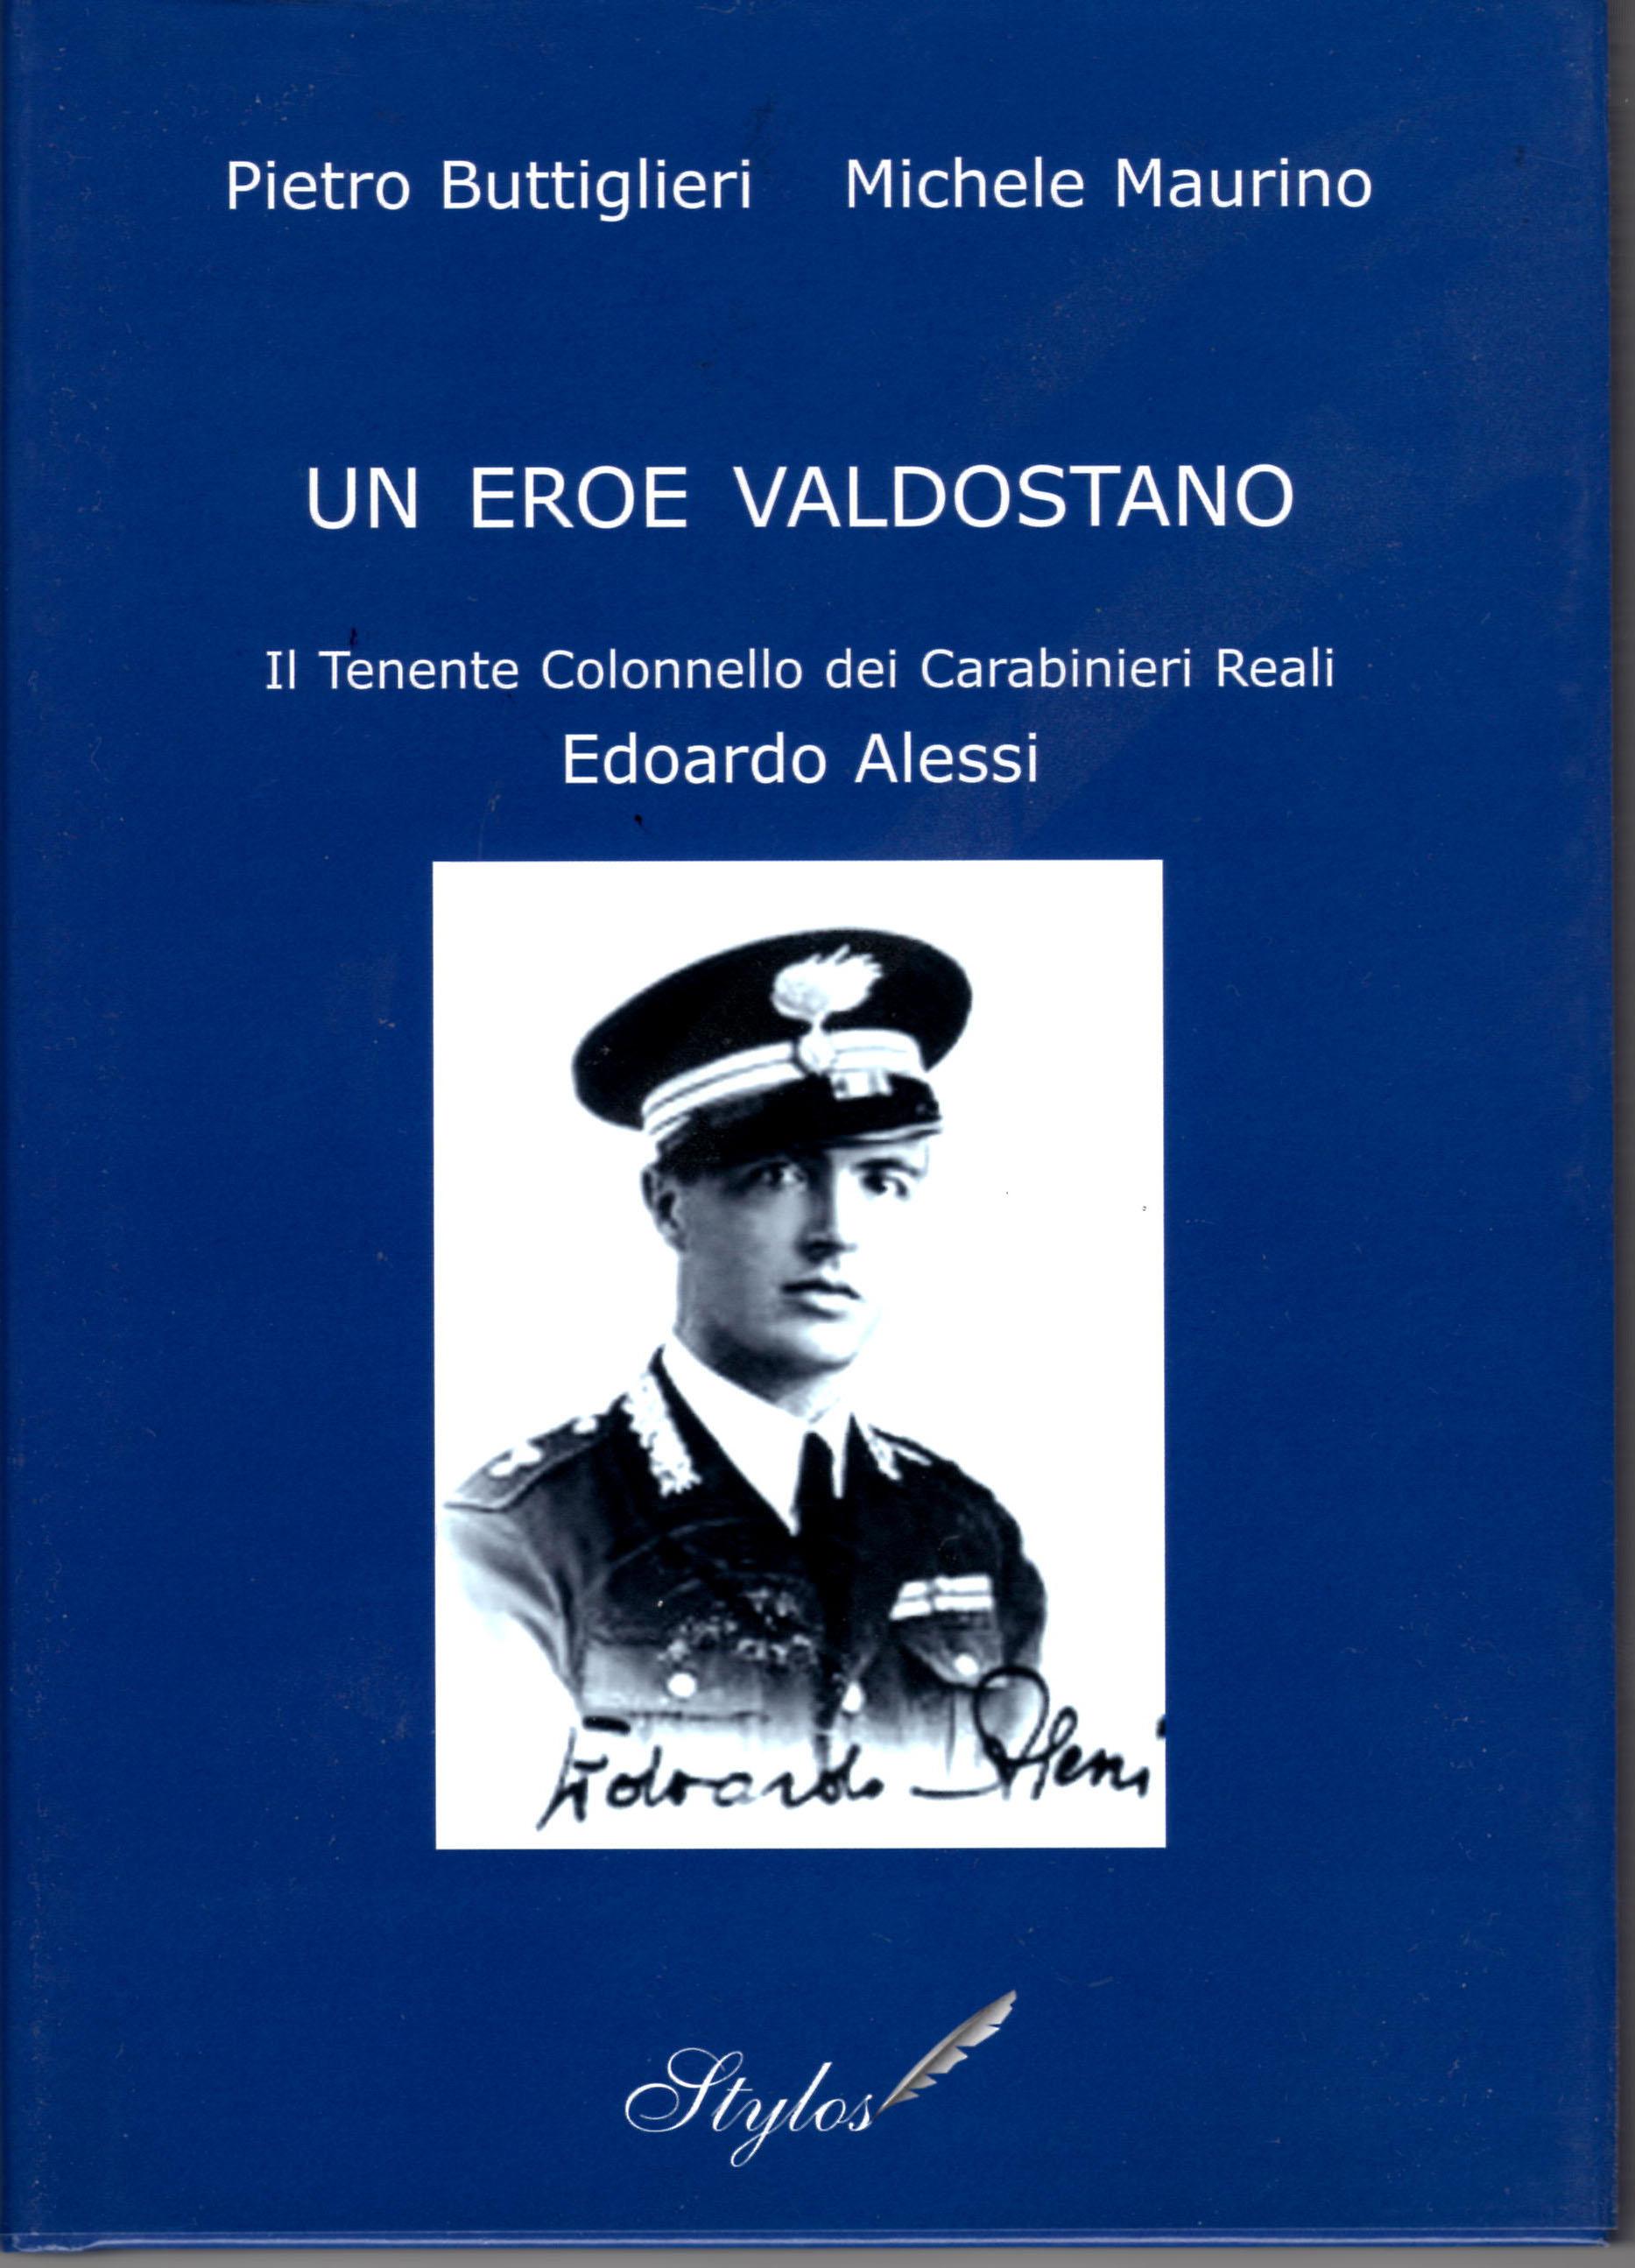 Photo of Commemorazione del 25 Aprile…L'Arma partecipò alla Resistenza con circa 14 mila Militari che compirono innumerevoli atti di valore…